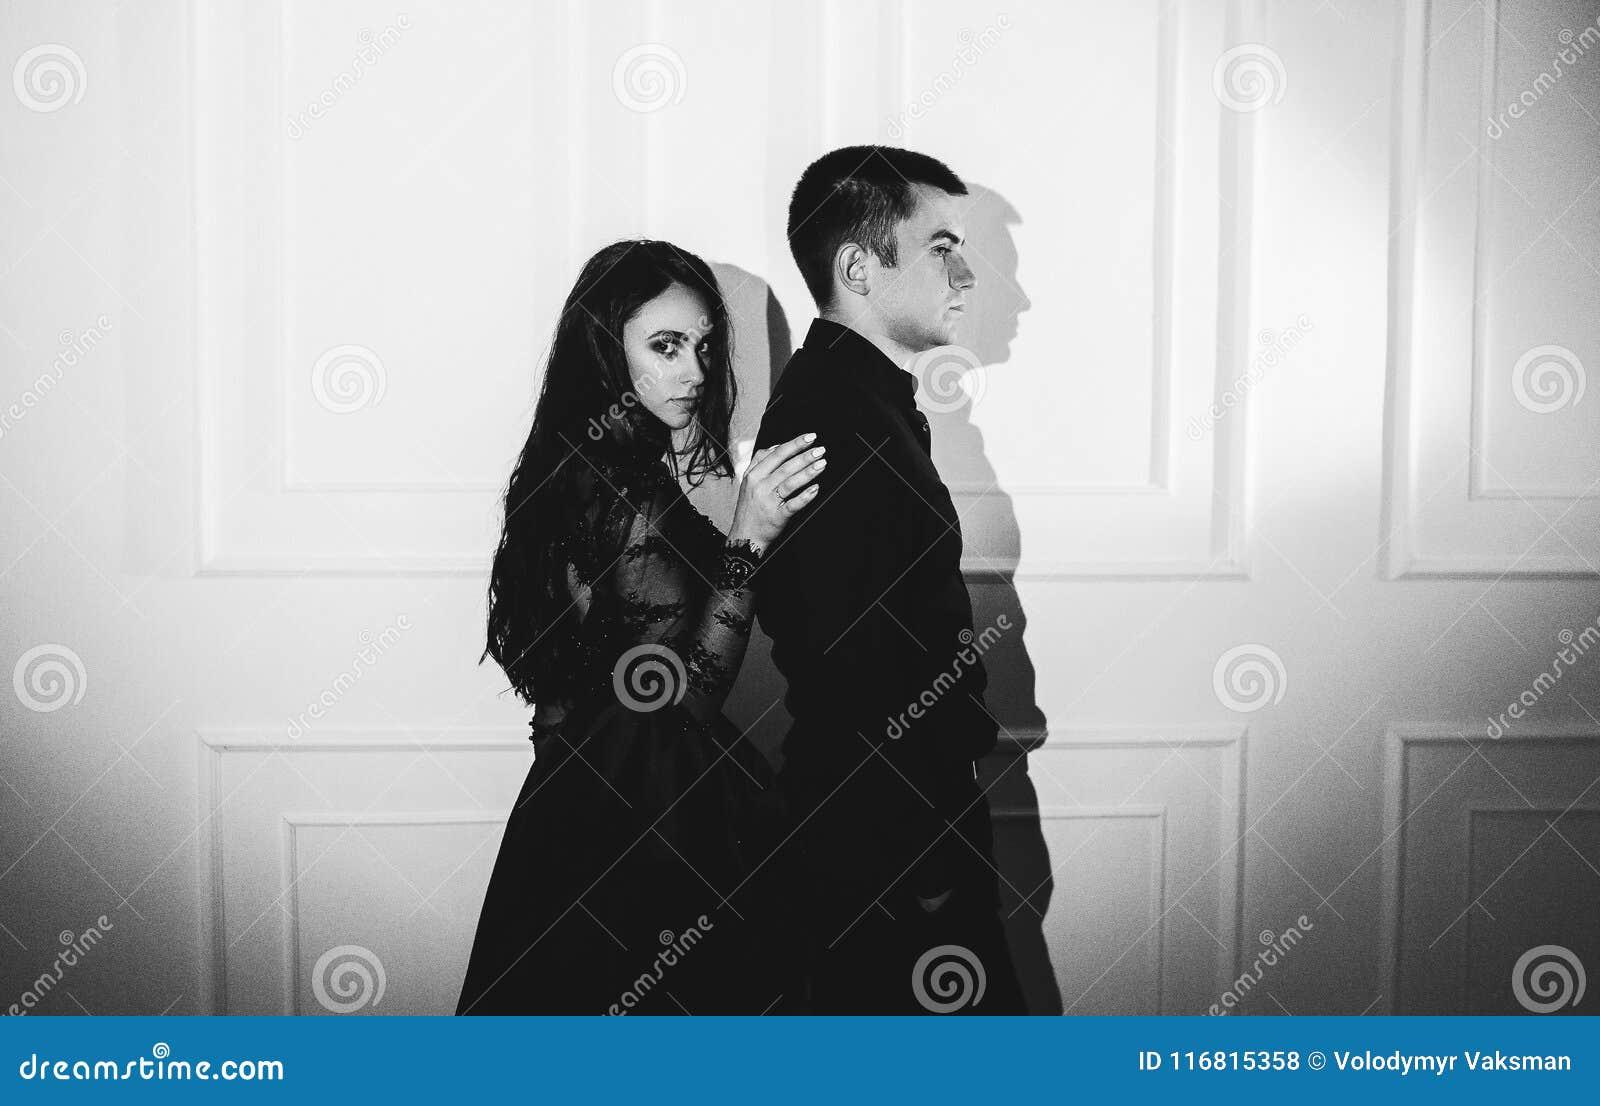 Coppie eleganti che passano in vestiti classici Chiuda su, tagli il tiro